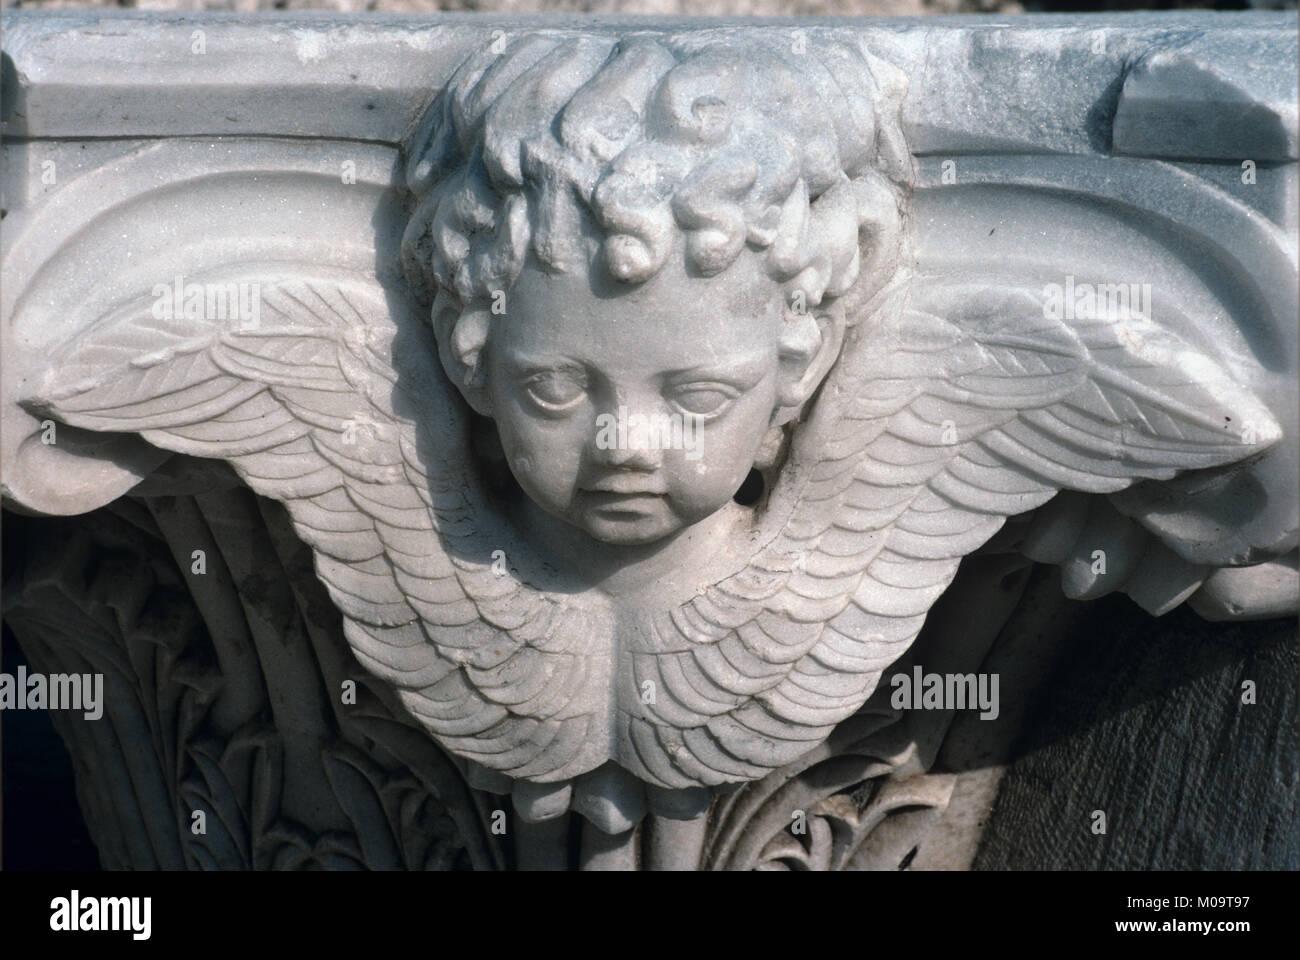 Querubín alado o Ángel de mármol clásico Capital detalle arquitectónico de la antigua ciudad griega de Kyssos clásica Foto de stock